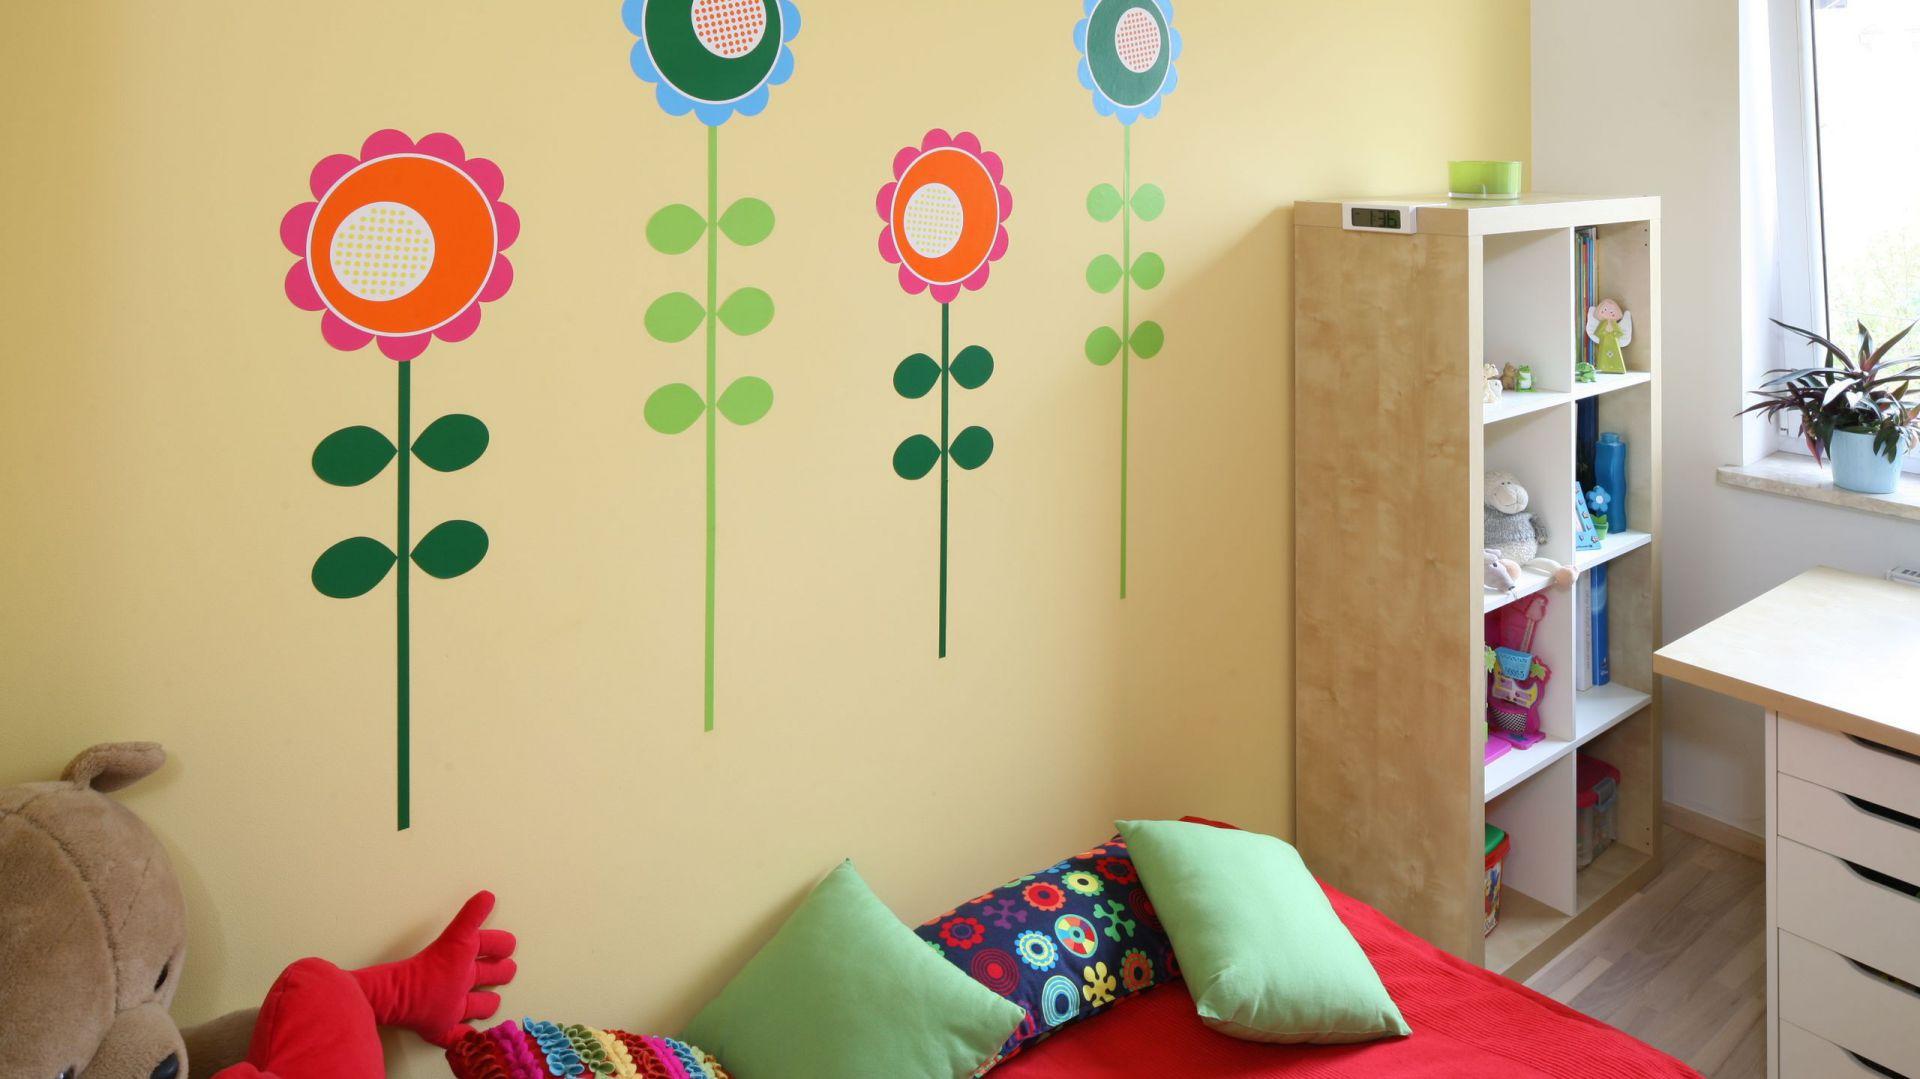 Najbardziej wiosennym miejscem w pokoju jest to, przeznaczone do snu. Bujne kwiaty zdobią nie tylko kolorowe poduchy, ale i ścianę przy łóżku dziewczynki. Fot. B. Jarosz.